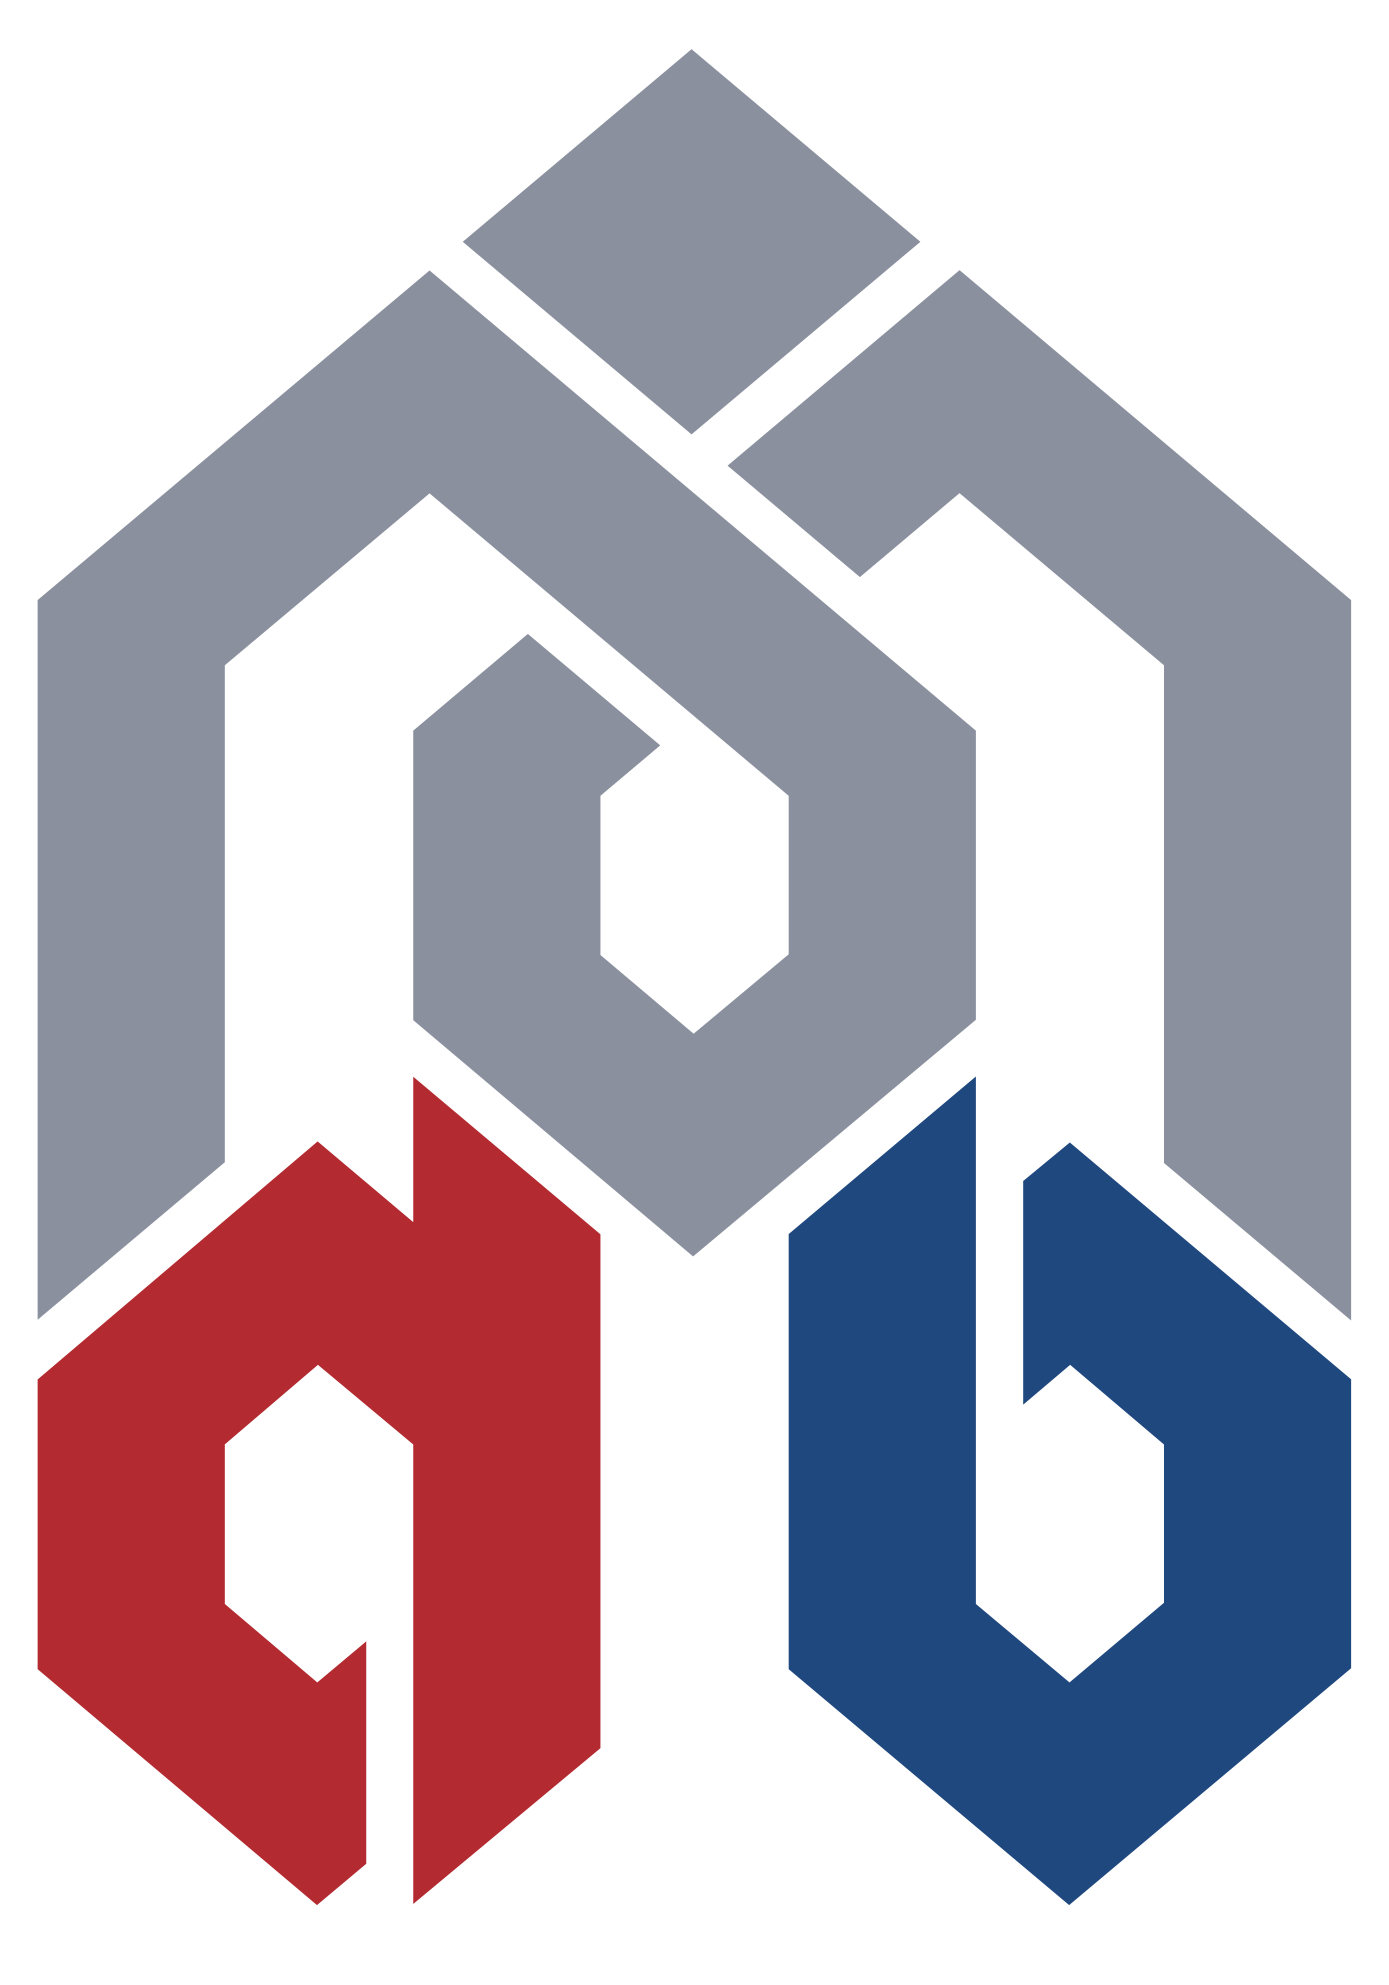 File:MAB logo - Seethru.png - Mab PNG